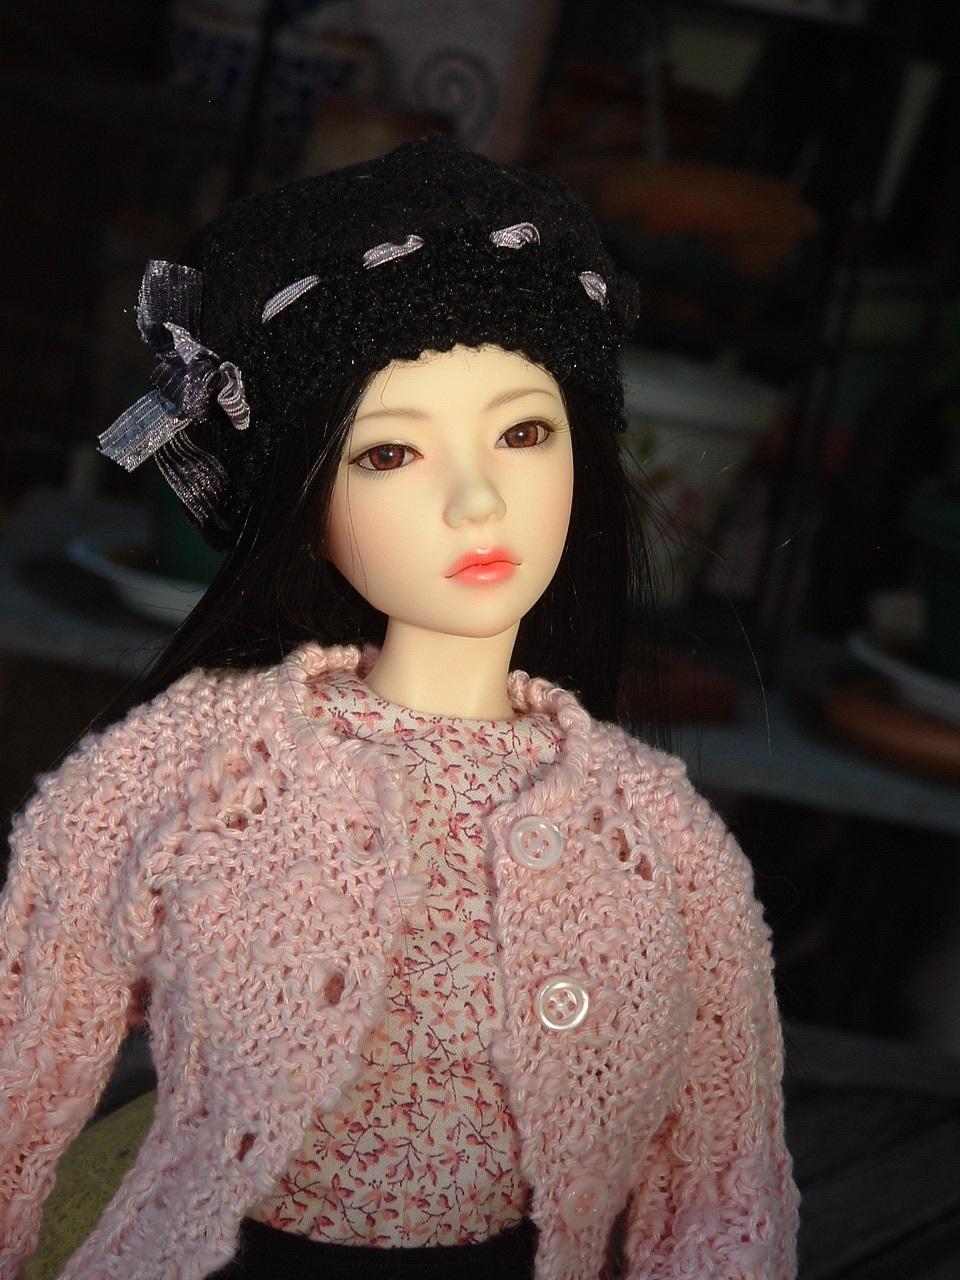 Je vous présente Mitsuko, ma belle Asa - première robe p 2 - autre tenue p 3 - Page 3 Dscf0447